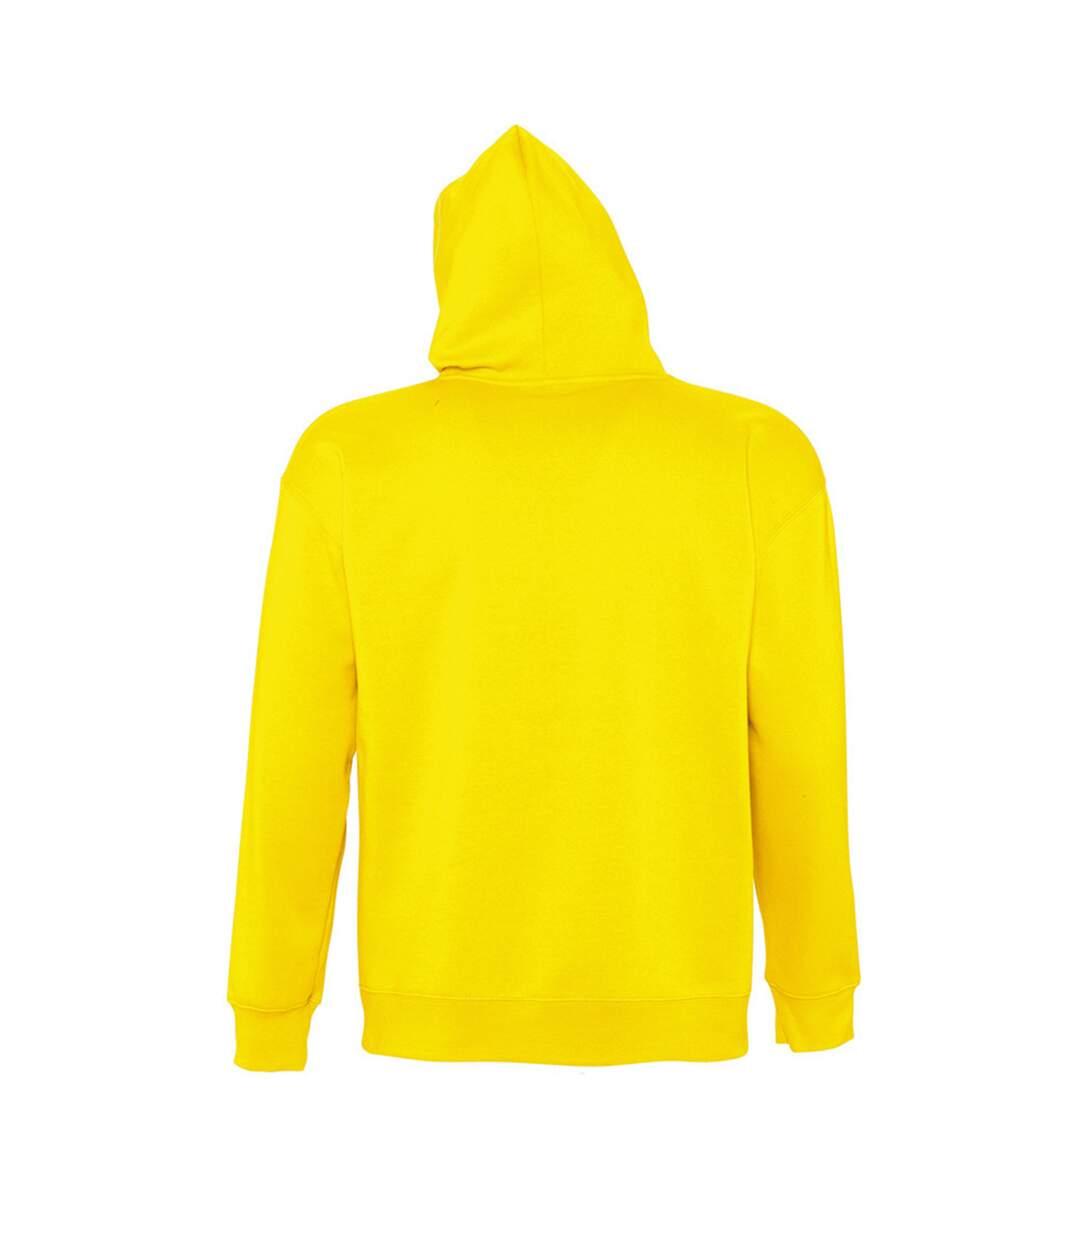 SOLS Slam Unisex Hooded Sweatshirt / Hoodie (Army) - UTPC381